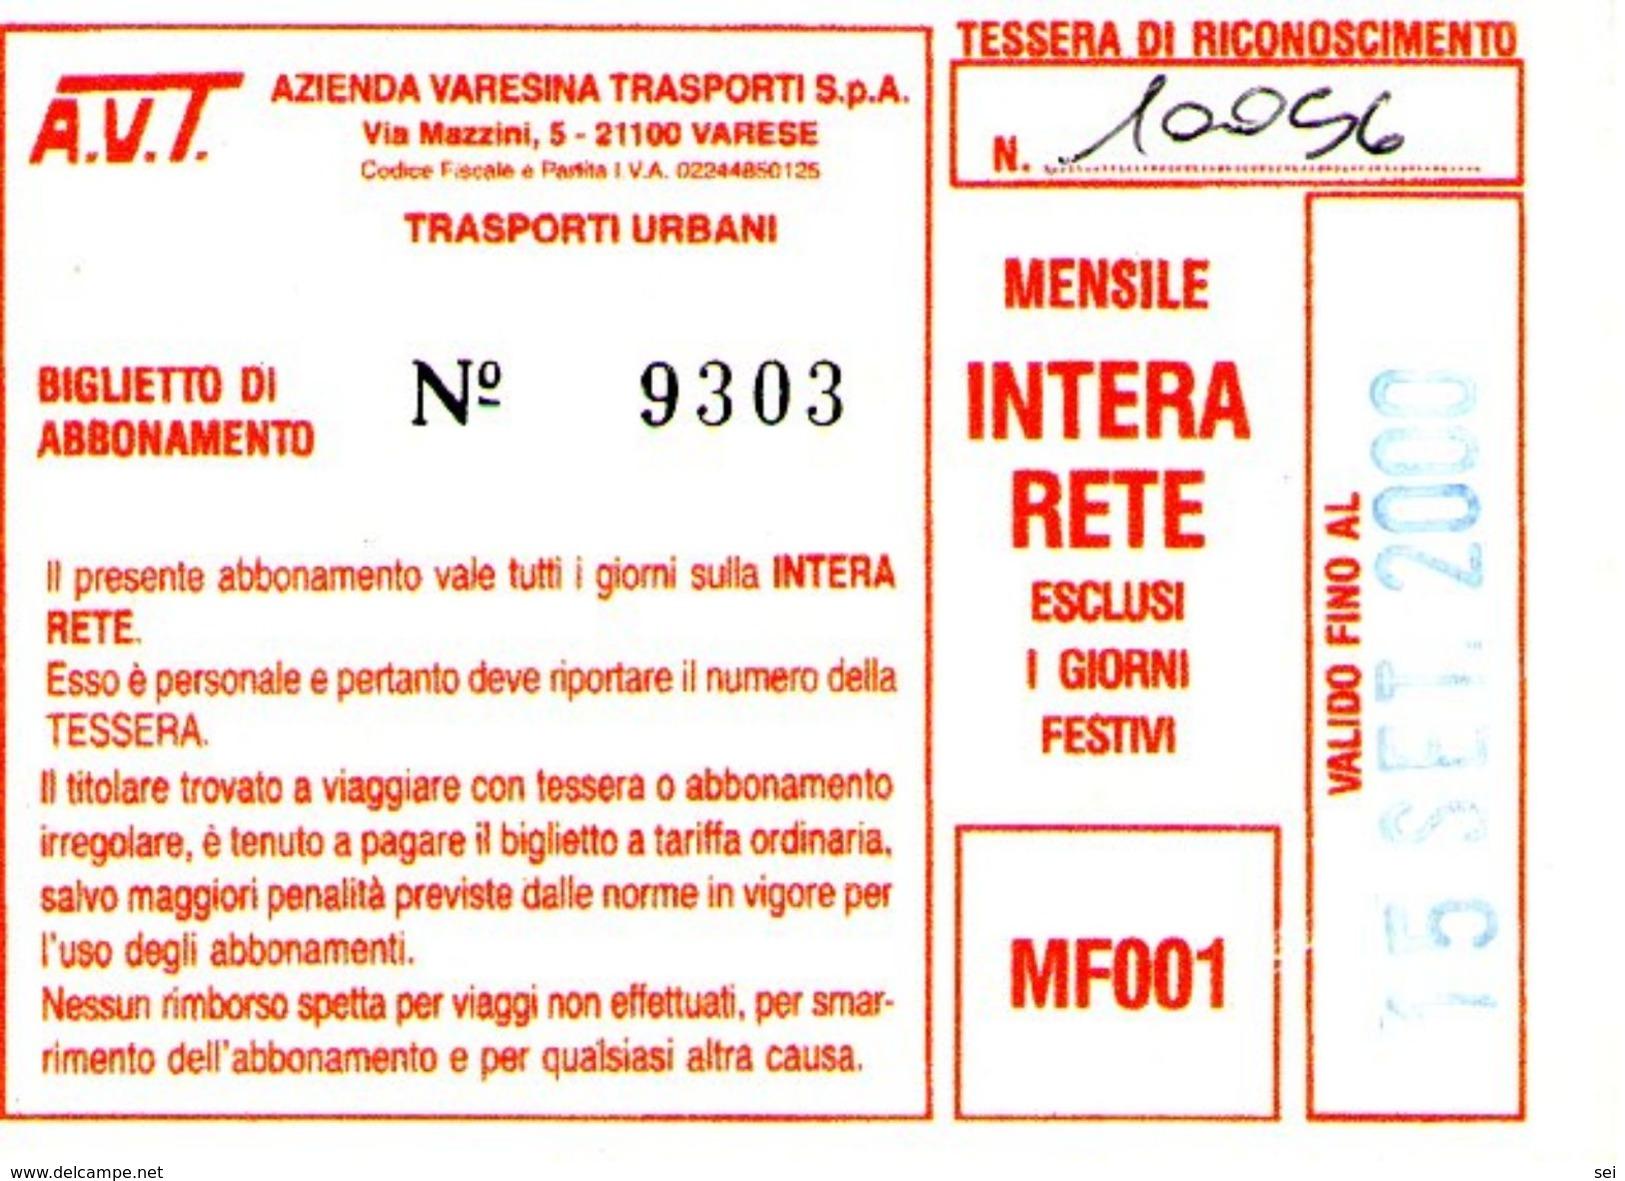 B 1581 -  Varese Trasporti Urbani Biglietto Di Abbonamento AVT Mensile - Season Ticket